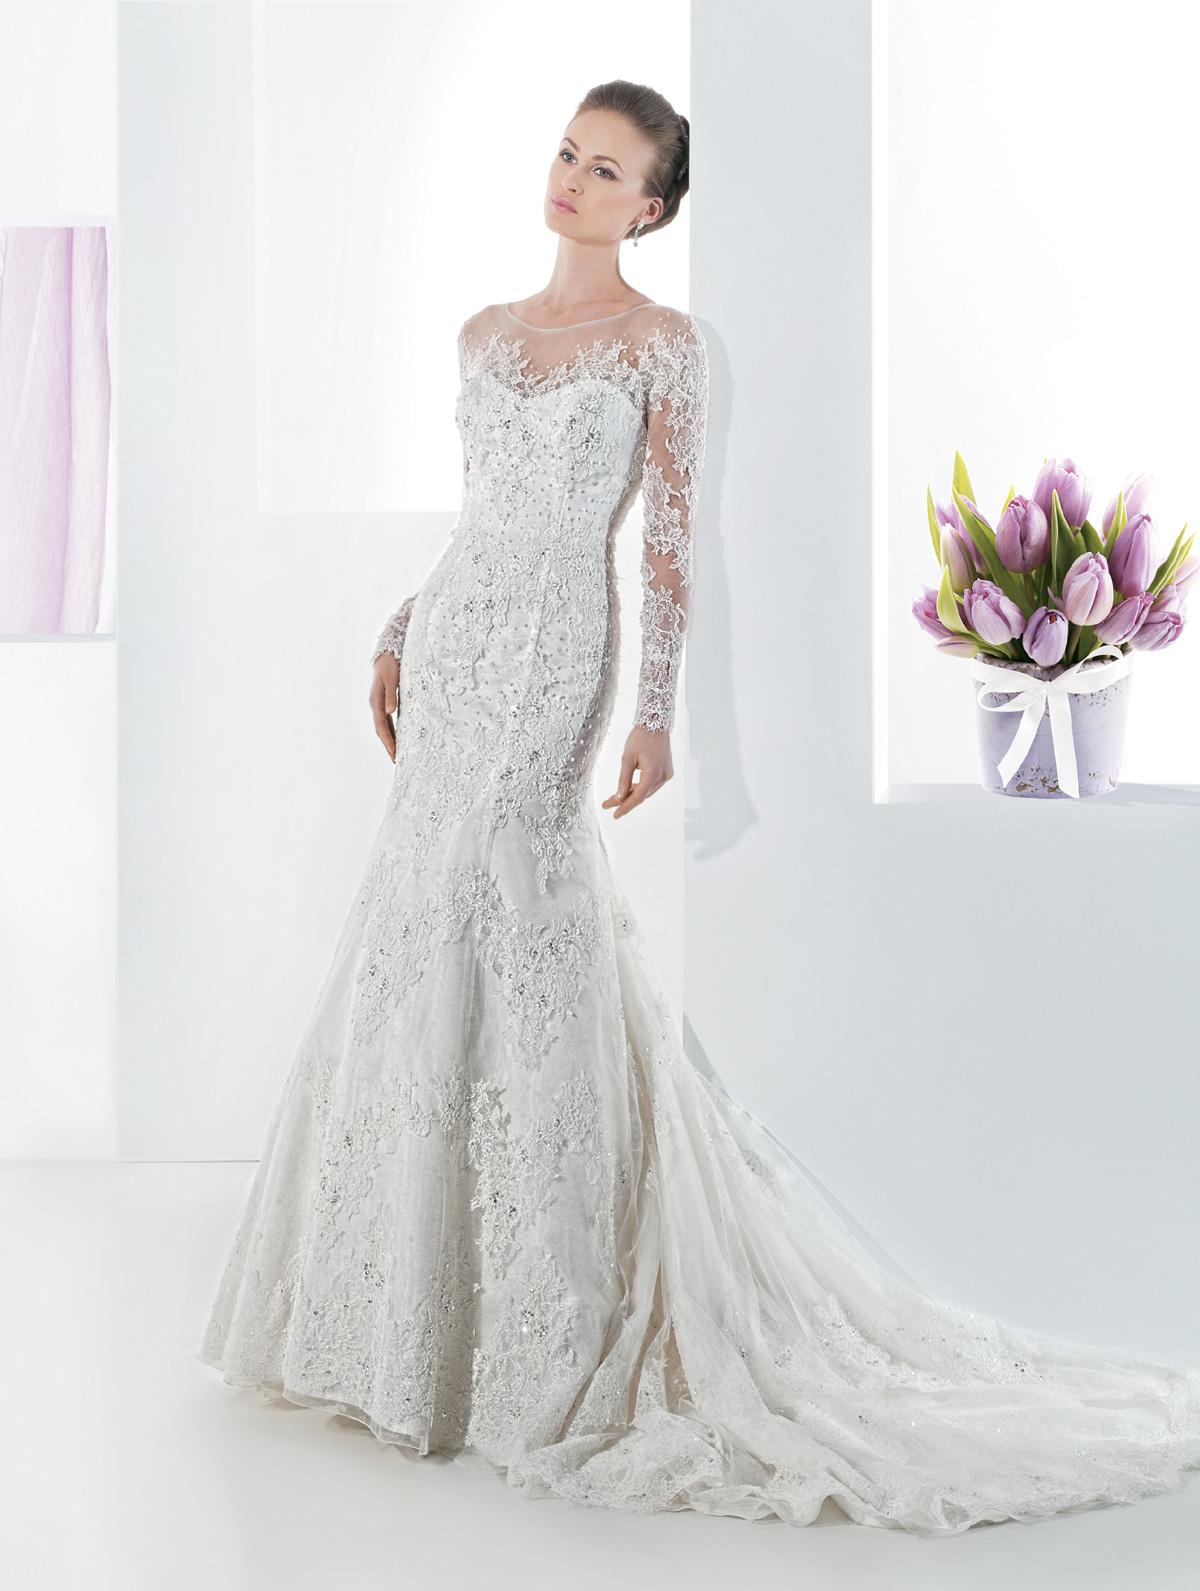 Vestido de Noiva sereia, todo em renda rebordada em pedrarias, mangas em renda, transparência no colo e costas. Leve cauda.